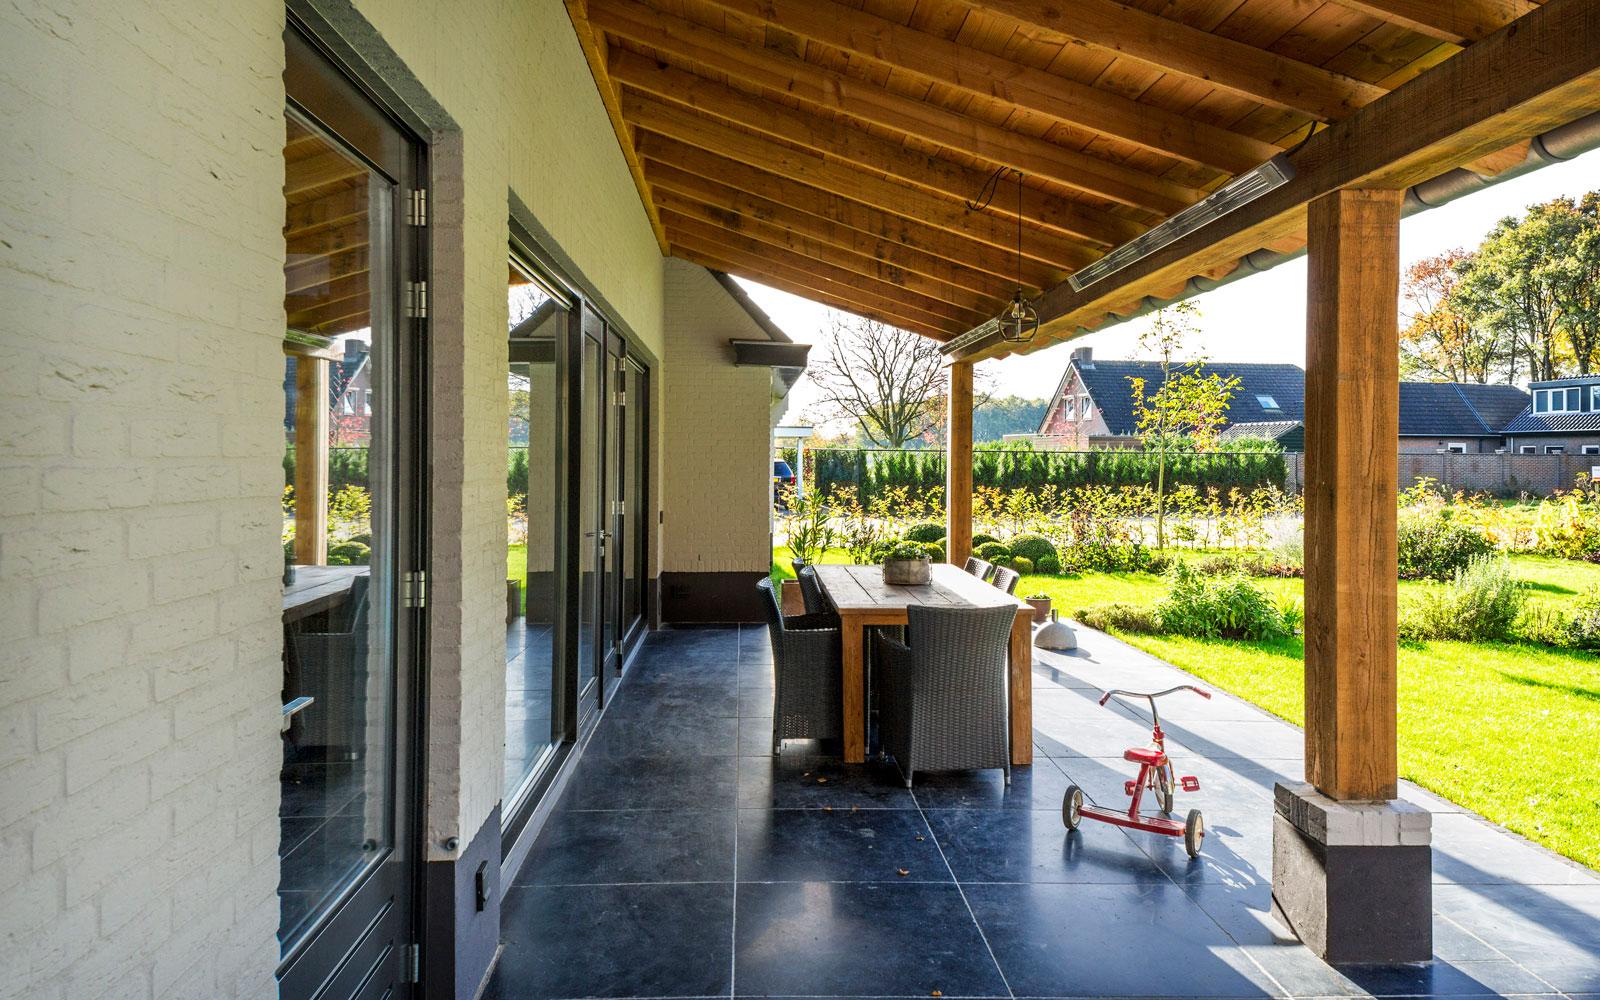 The Art of Living, Exclusief wonen, Van Gogh Bouwbedrijf, tuin, garden, landhuis, terras, lounge, tuinarchitectuur, tegelvloer,